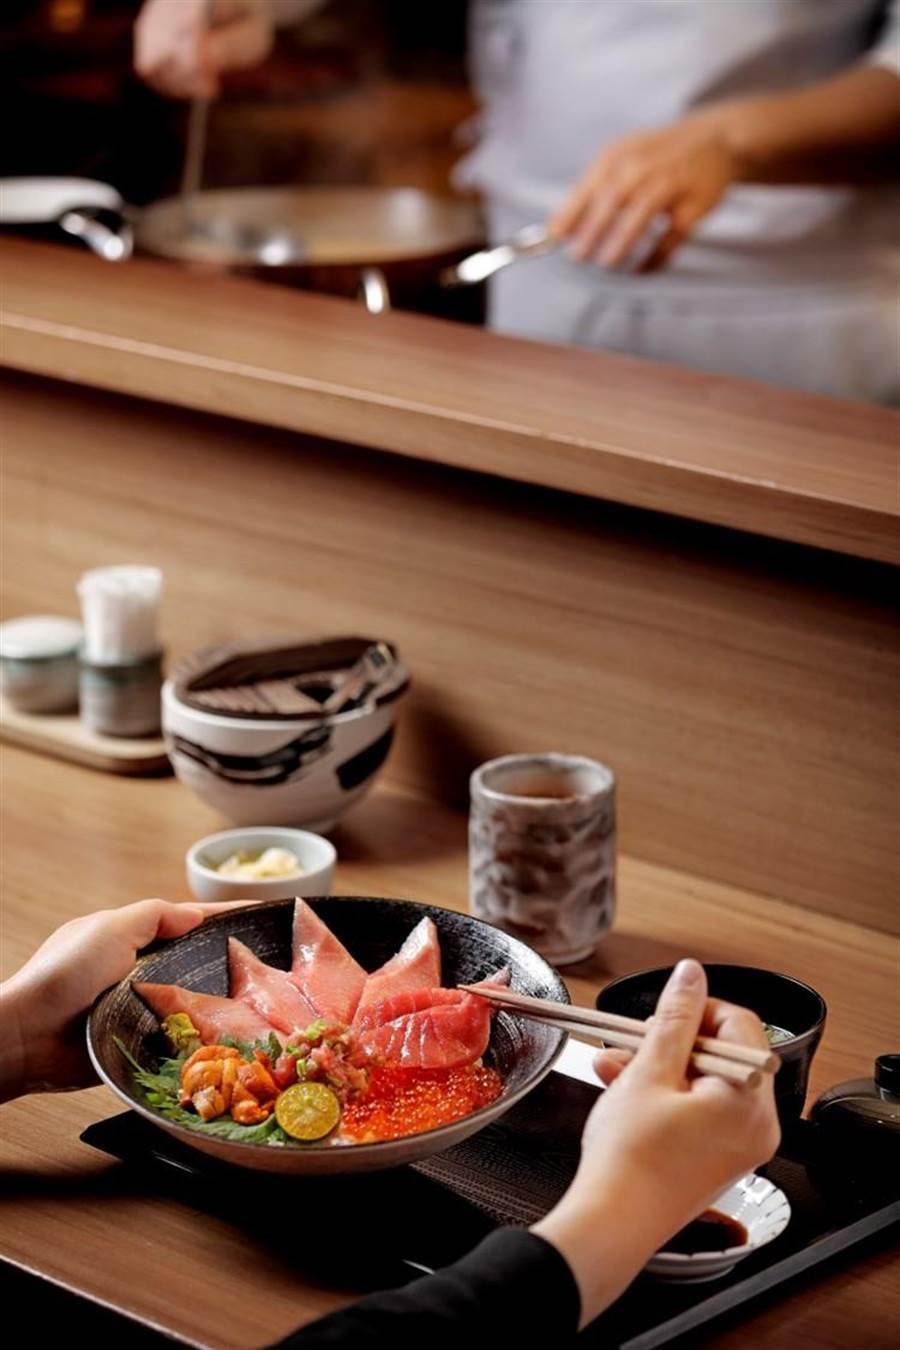 日本橋海鮮丼辻半(TSUJIHAN)首創一次可奢侈吃得到3部位的「日本極上黑鮪丼」,每份1680元。(圖日本橋海鮮丼辻半提供)